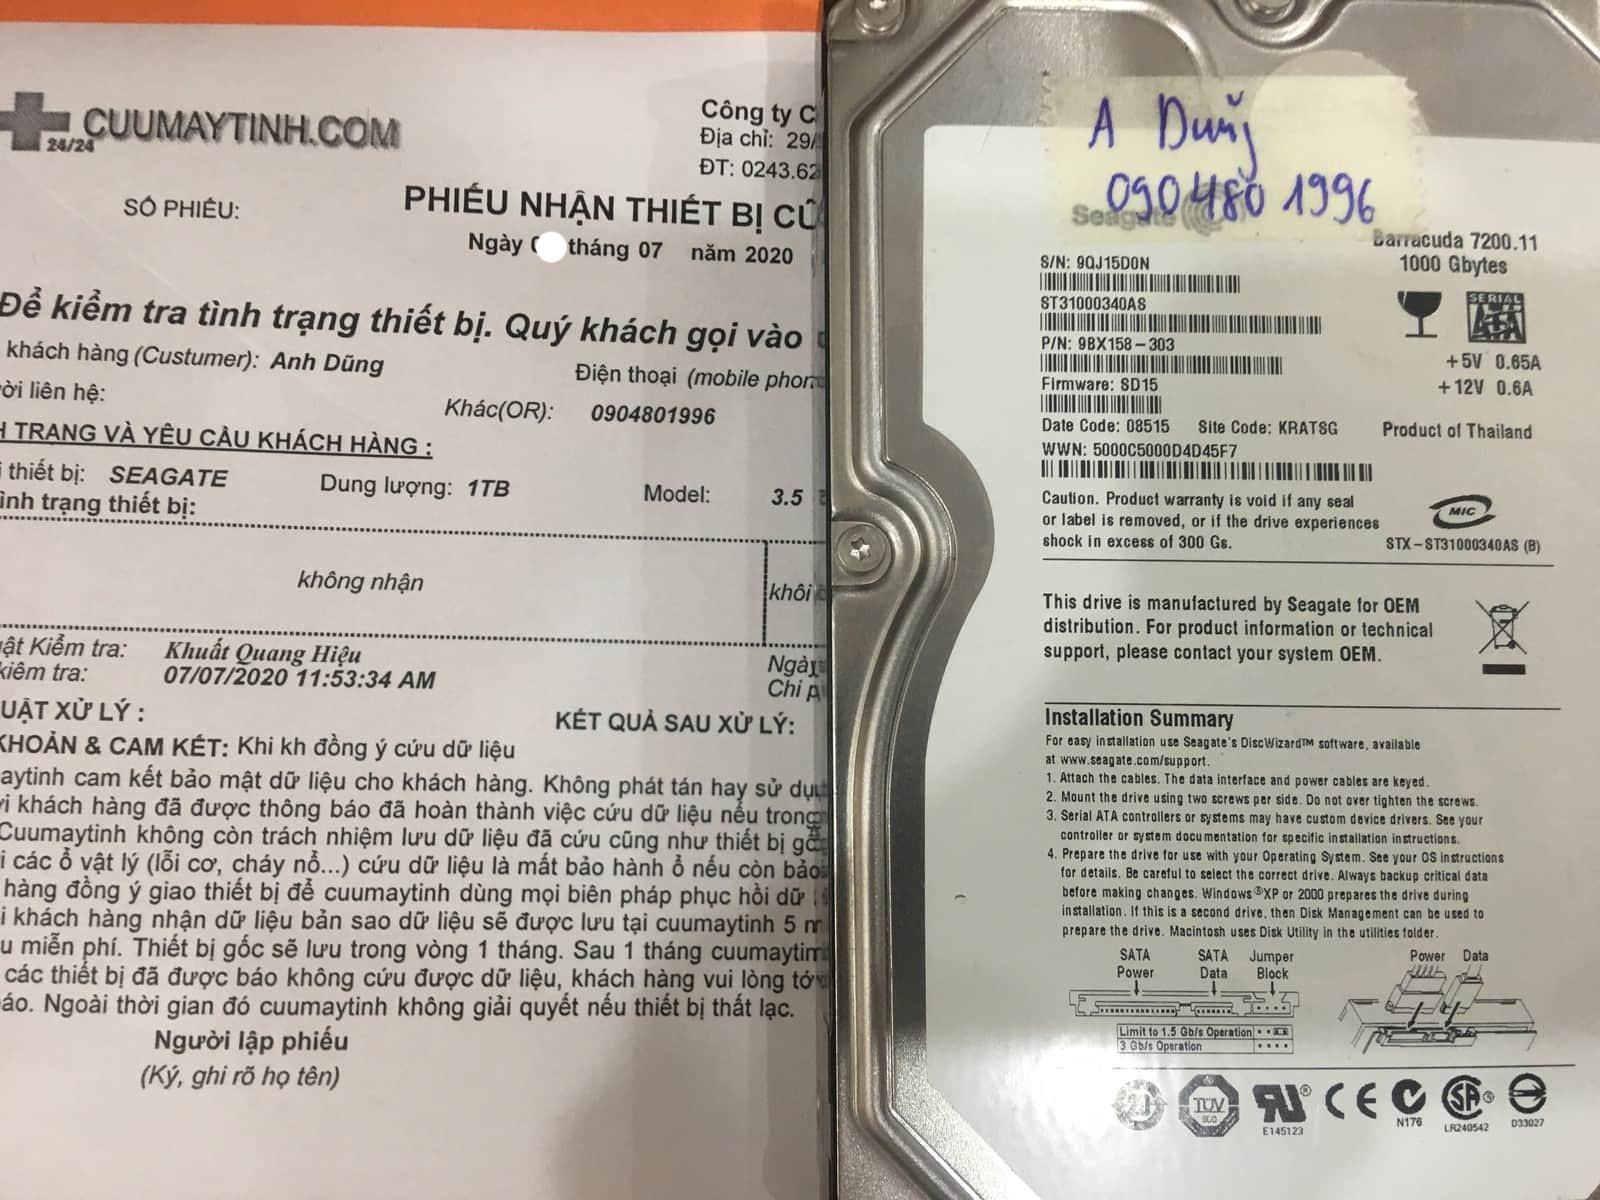 Lấy dữ liệu ổ cứng Seagate 1TB không nhận 15/07/2020 - cuumatinh